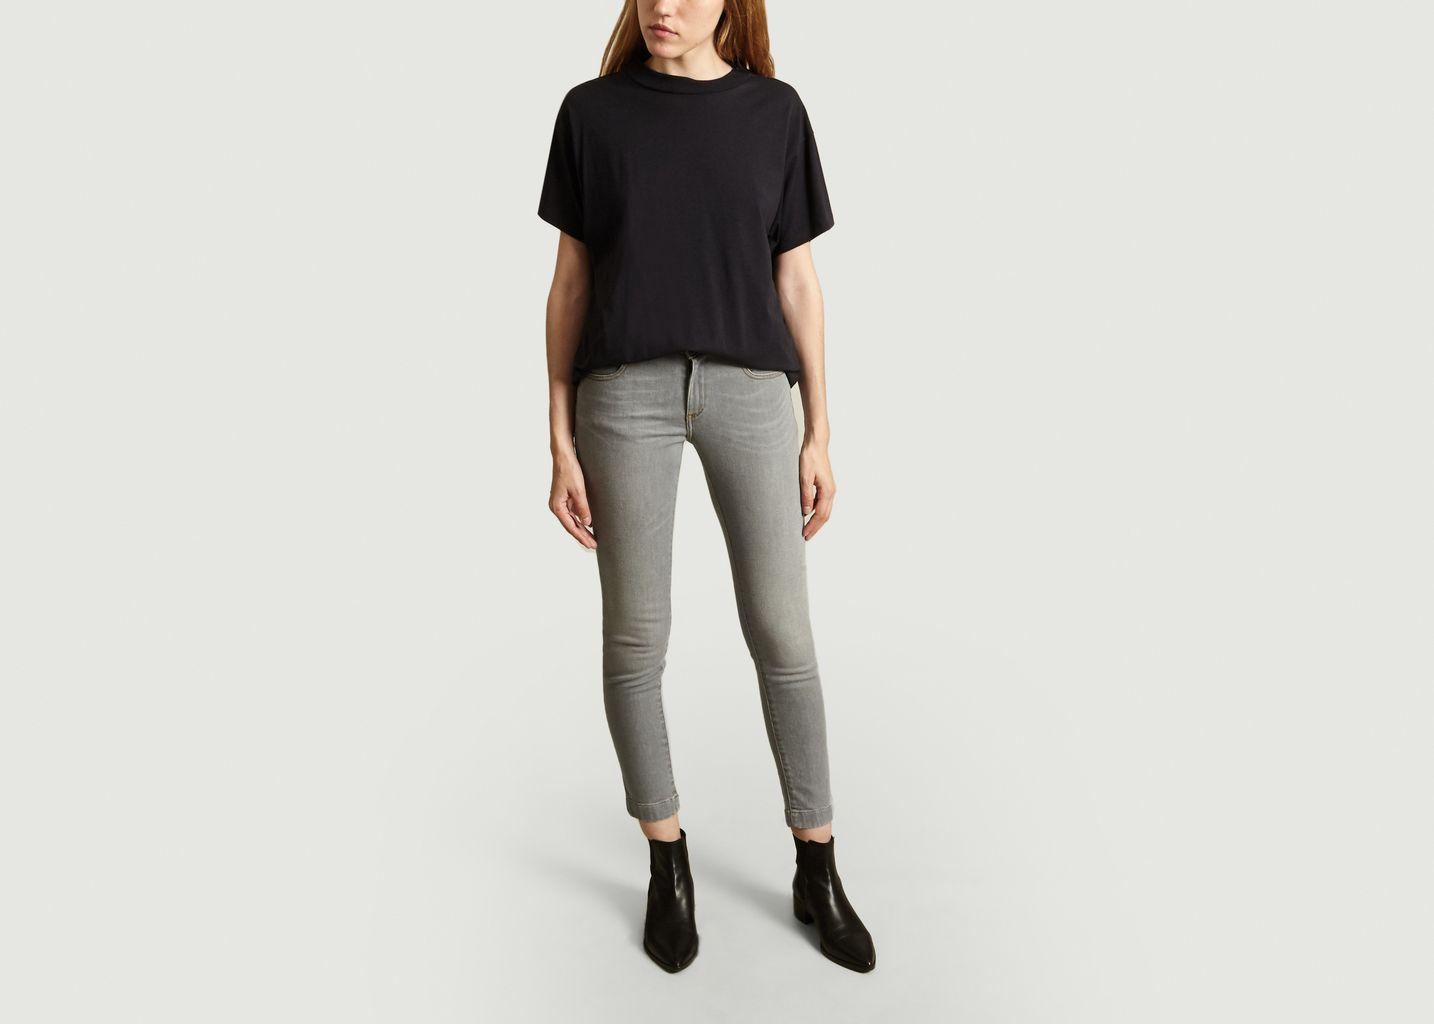 Pantalon Stoneford  - Sessun